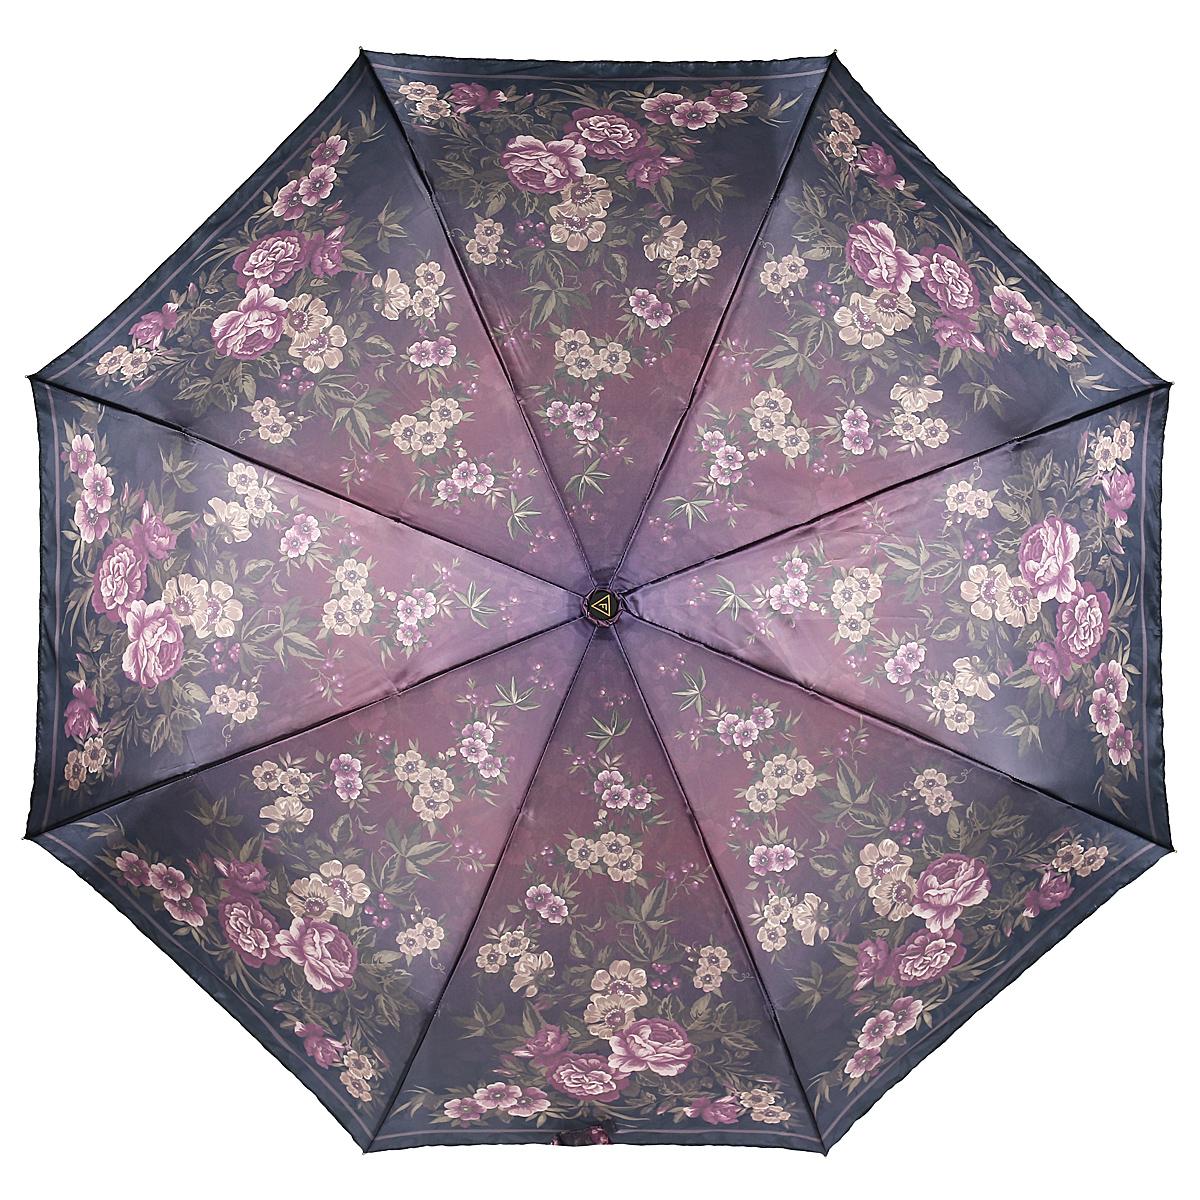 Зонт-автомат женский Fabretti, 3 сложения, цвет: фиолетовый, темно-зеленый. S-15107-6Fabretti S-15107-6Классический зонт торговой марки Fabretti, произведенный из качественных материалов, идеально подойдет для женщин. Купол зонтика выполнен из полиэстера, обработанного водоотталкивающей пропиткой, и оформлен цветочным принтом. Каркас зонта выполнен из восьми металлических спиц, стержня и ручки с полиуретановым покрытием, разработанной с учетом требований эргономики. Зонт оснащен полным автоматическим механизмом в три сложения. Купол открывается и закрывается нажатием кнопки на рукоятке, благодаря чему открыть и закрыть зонт можно одной рукой, что чрезвычайно удобно при входе в транспорт или помещение, стержень складывается вручную до характерного щелчка. На рукоятке для удобства есть небольшой шнурок, позволяющий надеть зонт на руку тогда, когда это будет необходимо. Компактные размеры зонта в сложенном виде позволят ему без труда поместиться в сумочке и не доставят никаких проблем во время переноски. К зонту прилагается чехол на молнии. Женский...